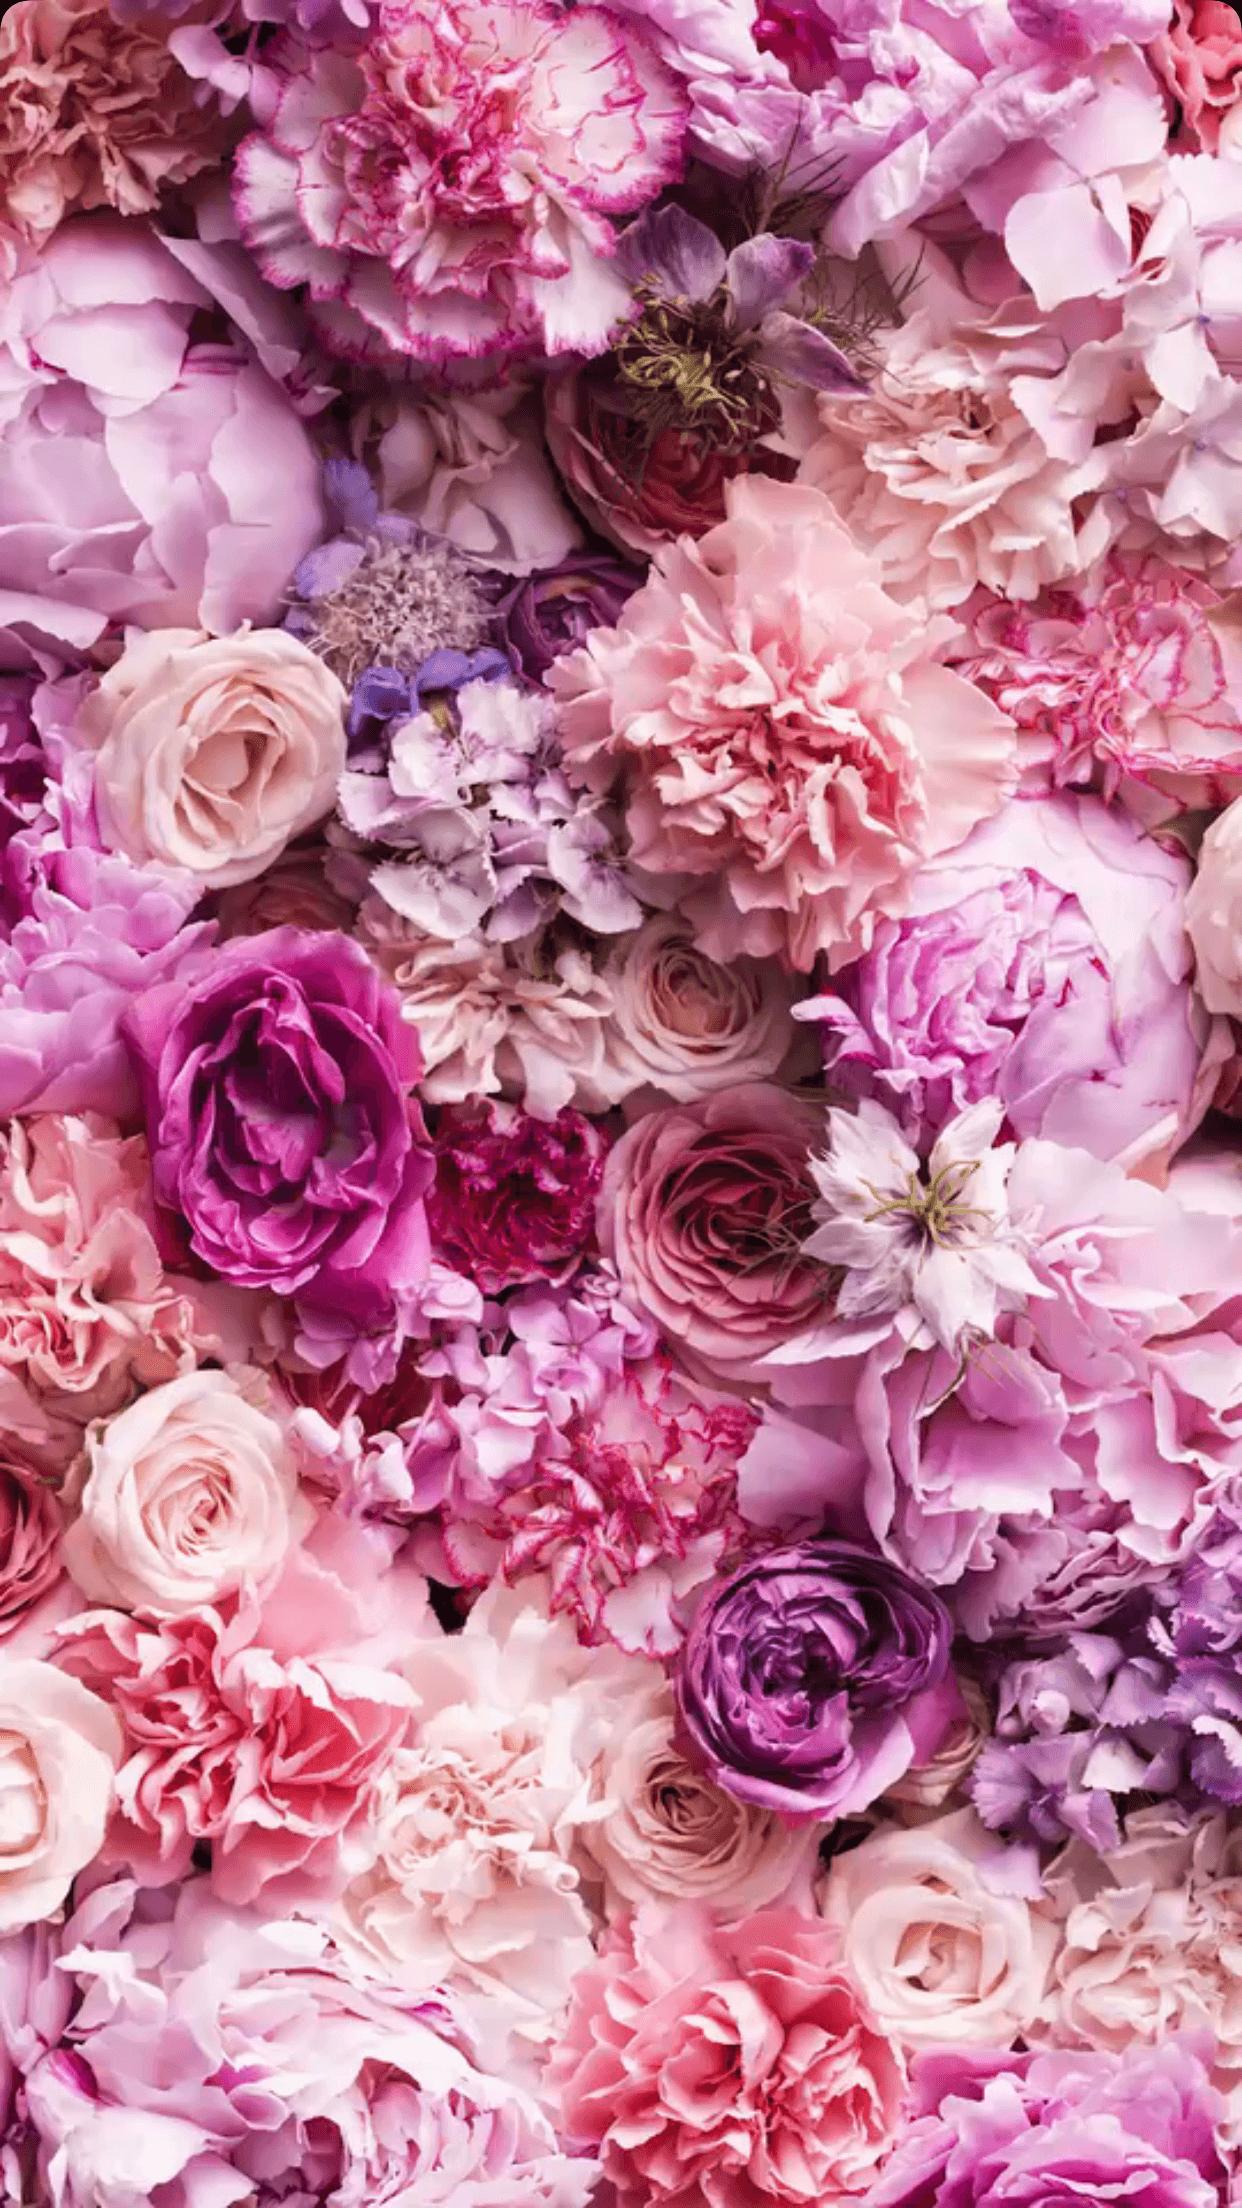 1242x2208 Iphone Flower Wallpaper Iphone Wallpaper Pinterest Flower Flower Background Iphone Flower Phone Wallpaper Flower Backgrounds